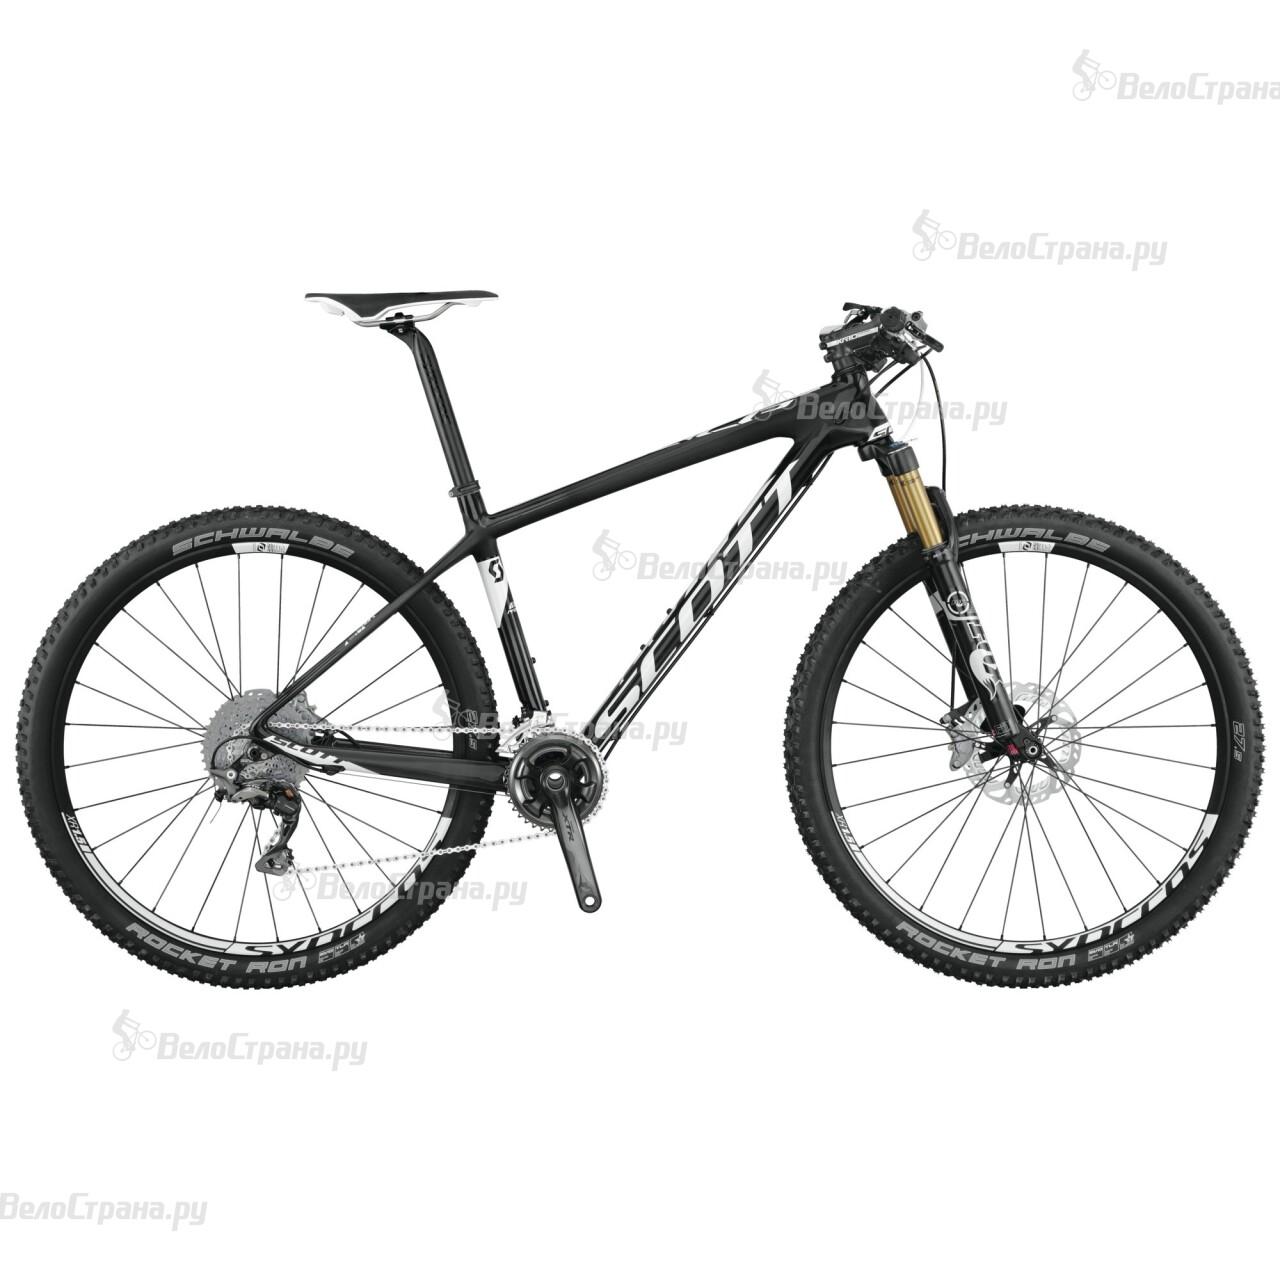 Велосипед Scott Scale 700 Premium (2015) велосипед scott scale 700 premium 27 5 2016